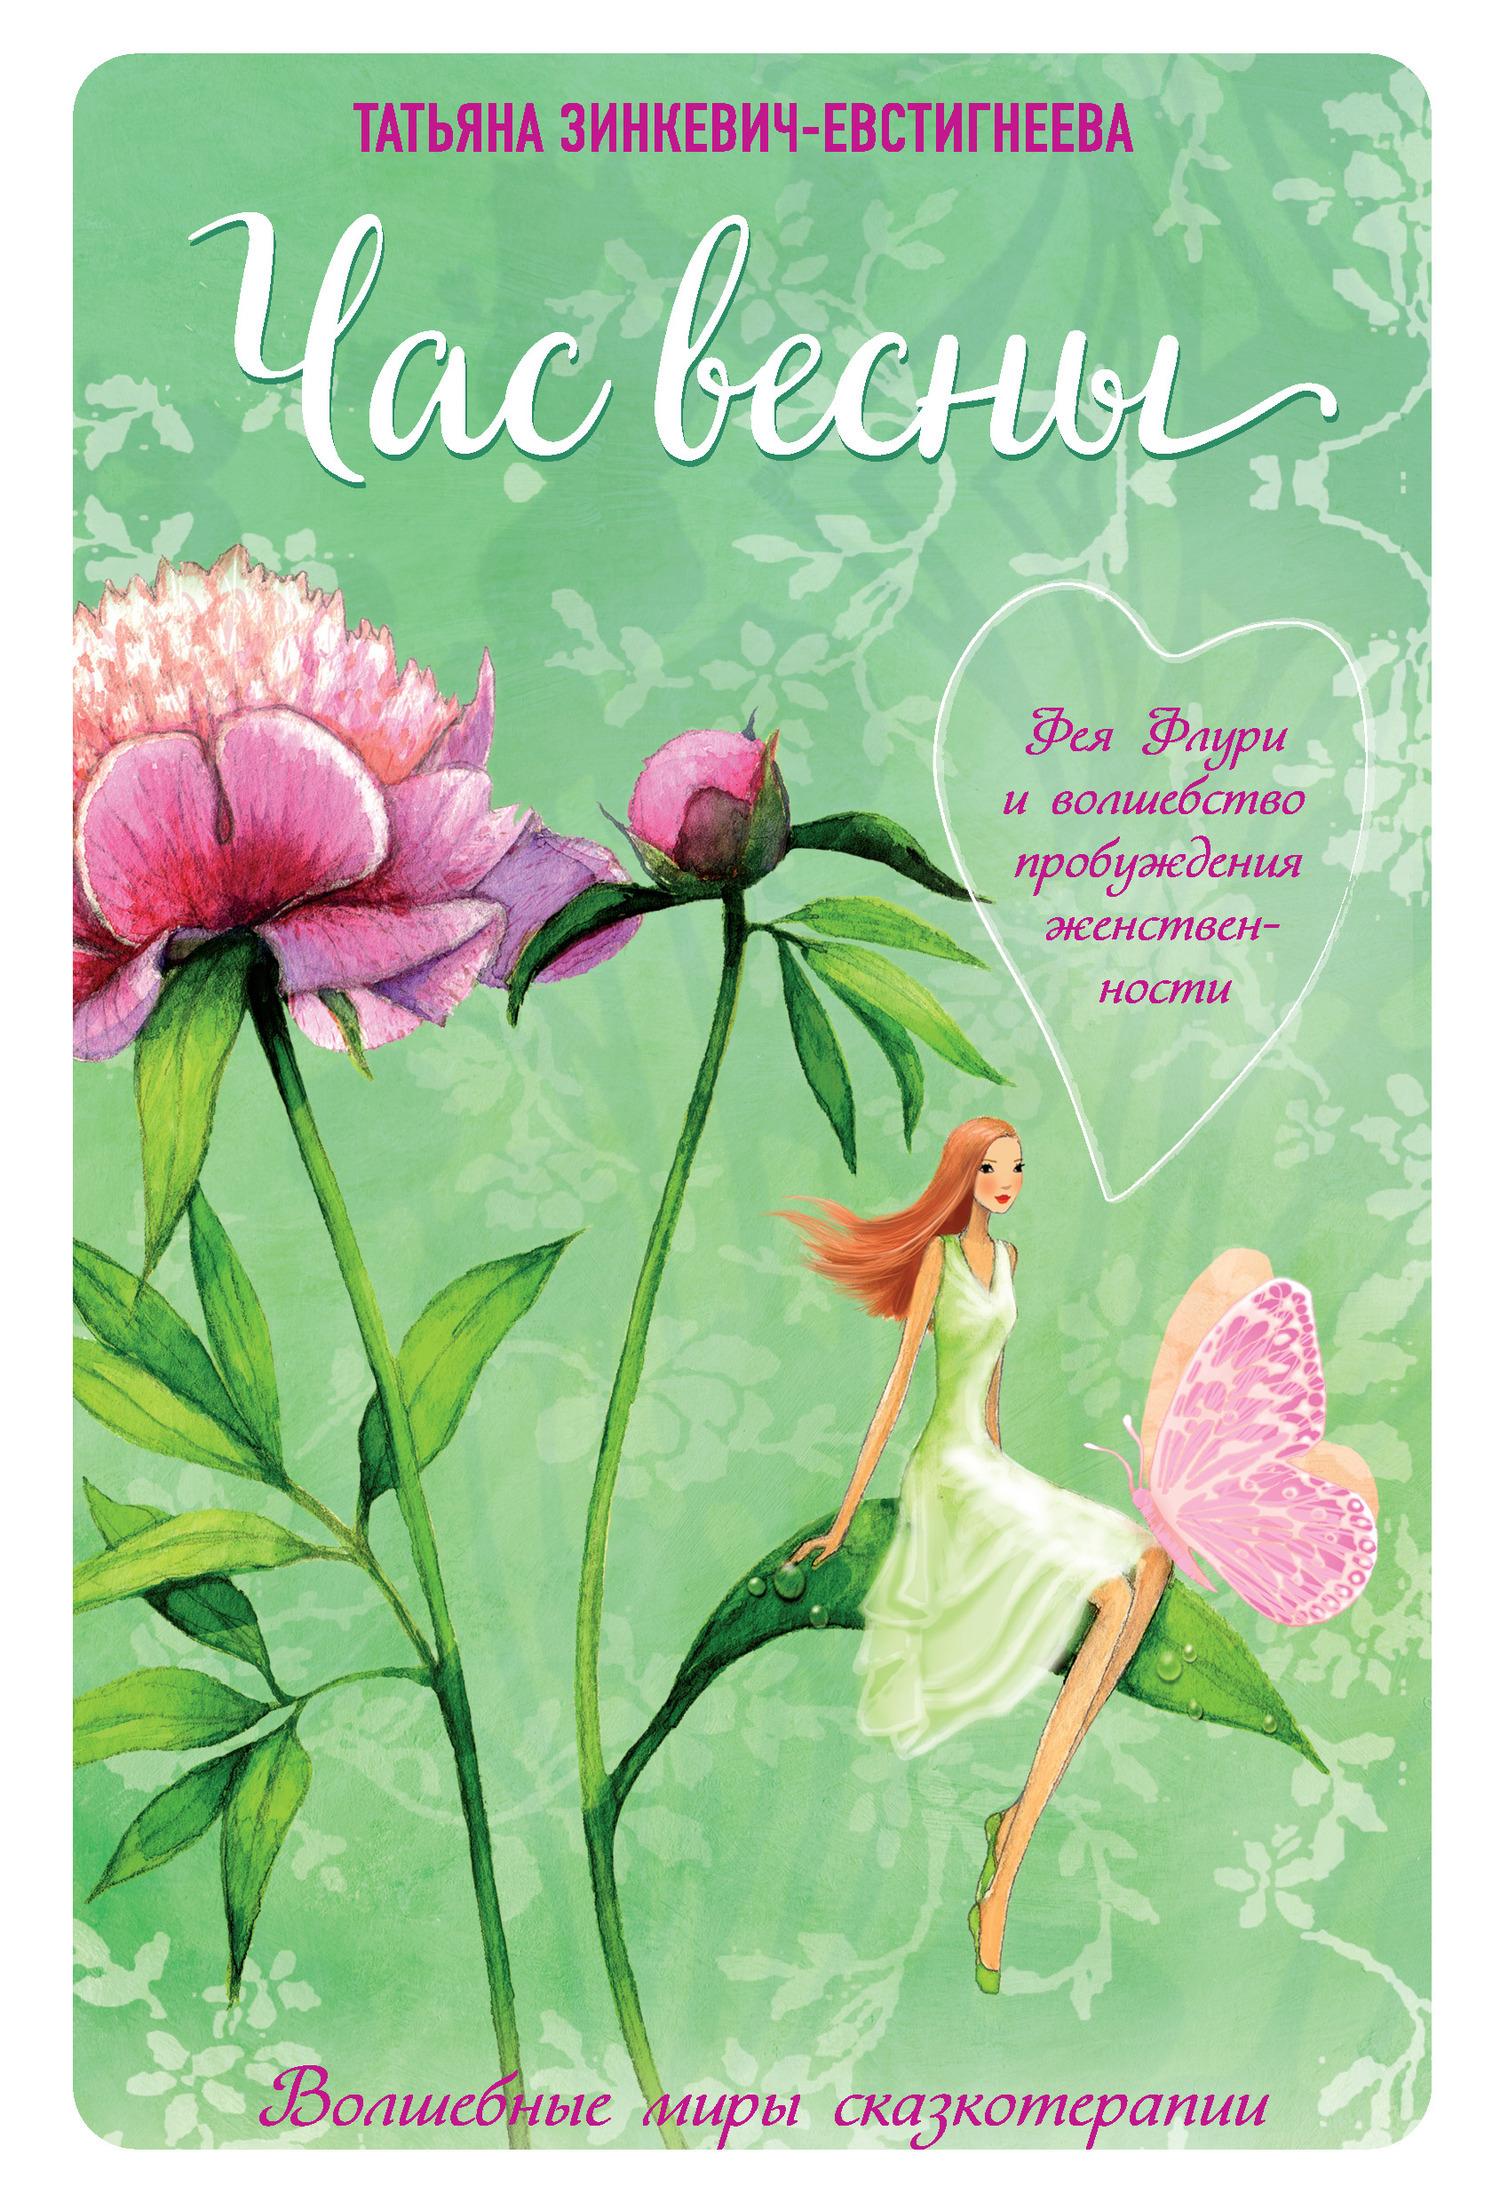 Татьяна Зинкевич-Евстигнеева «Час весны. Фея Флури и волшебство пробуждения женственности»